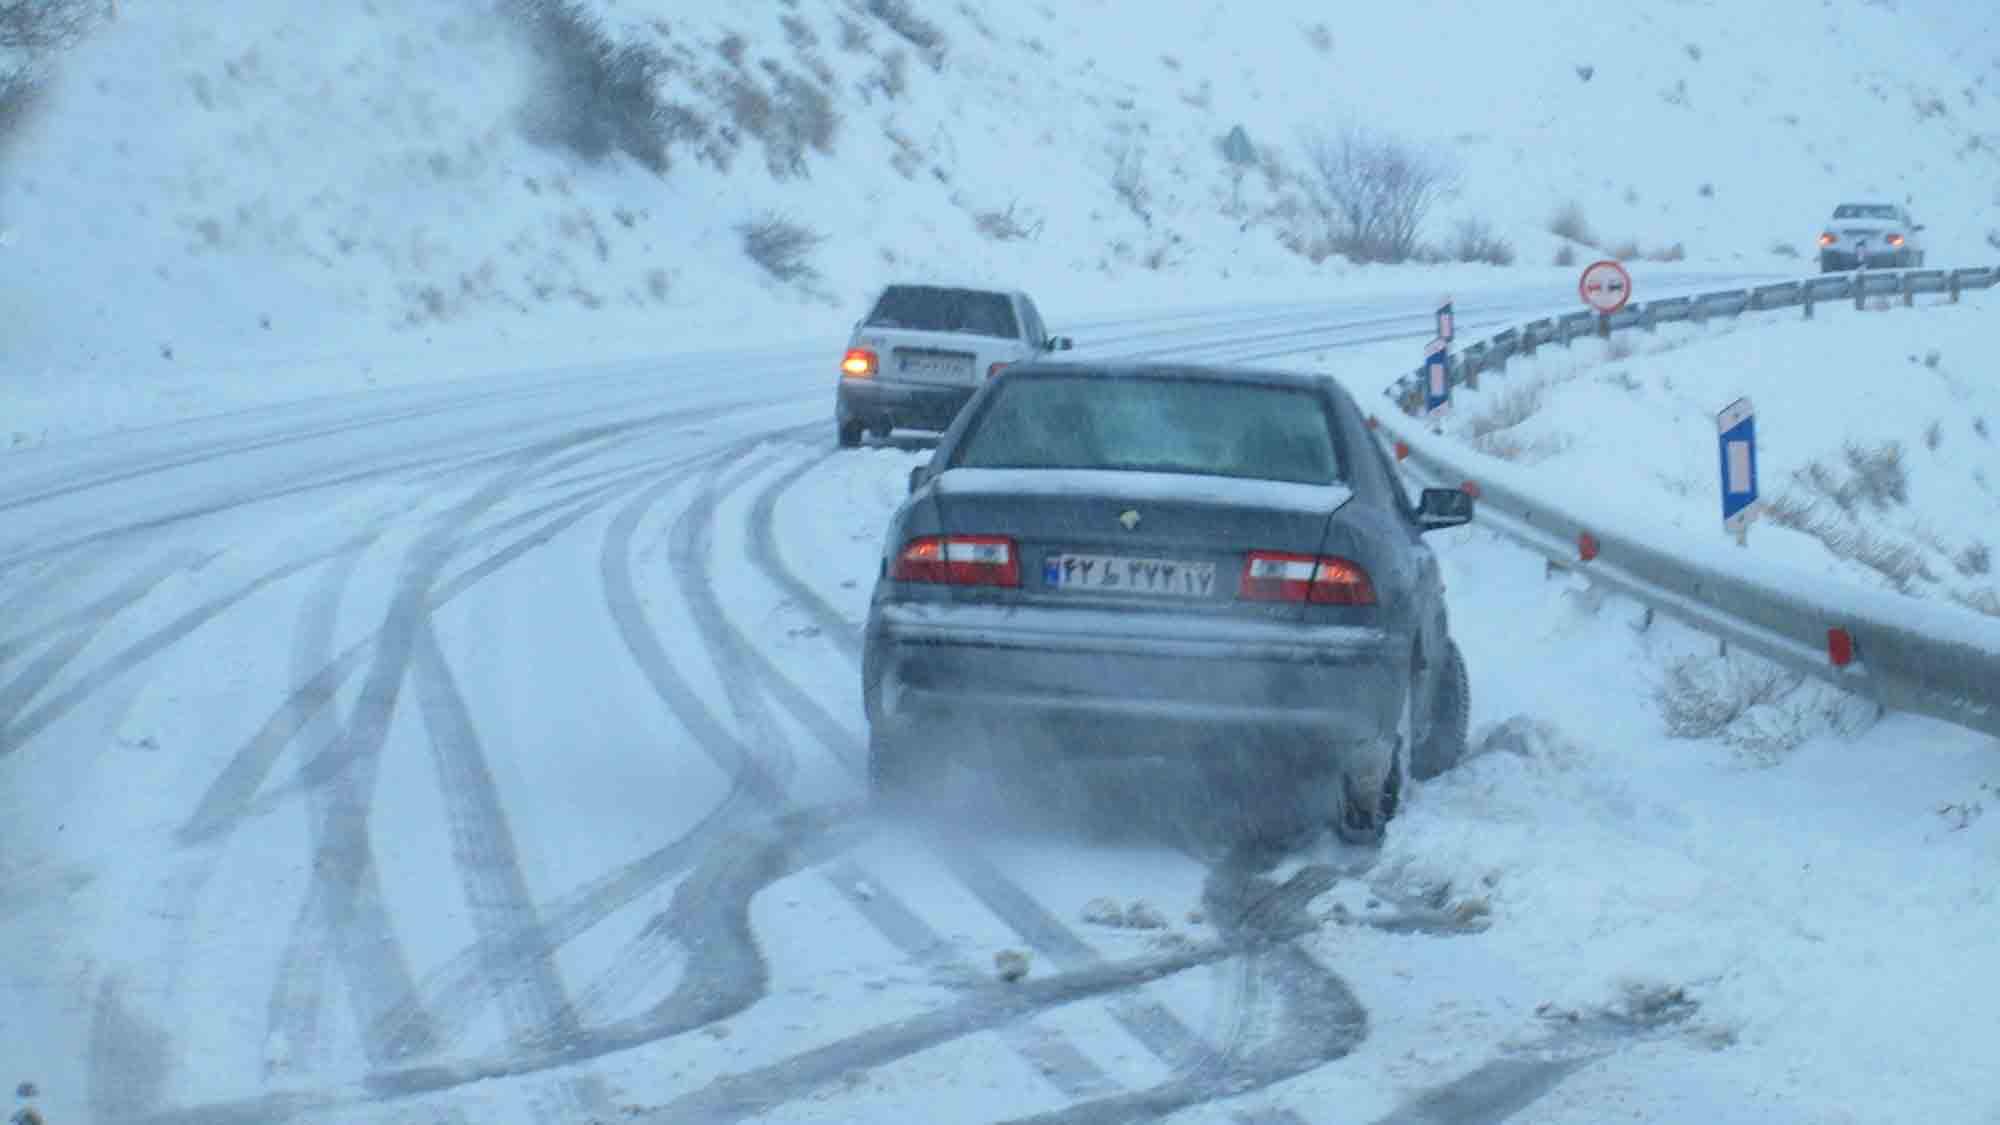 برف و باران آغاز شد/ اکثر جاده ها برفی هستند